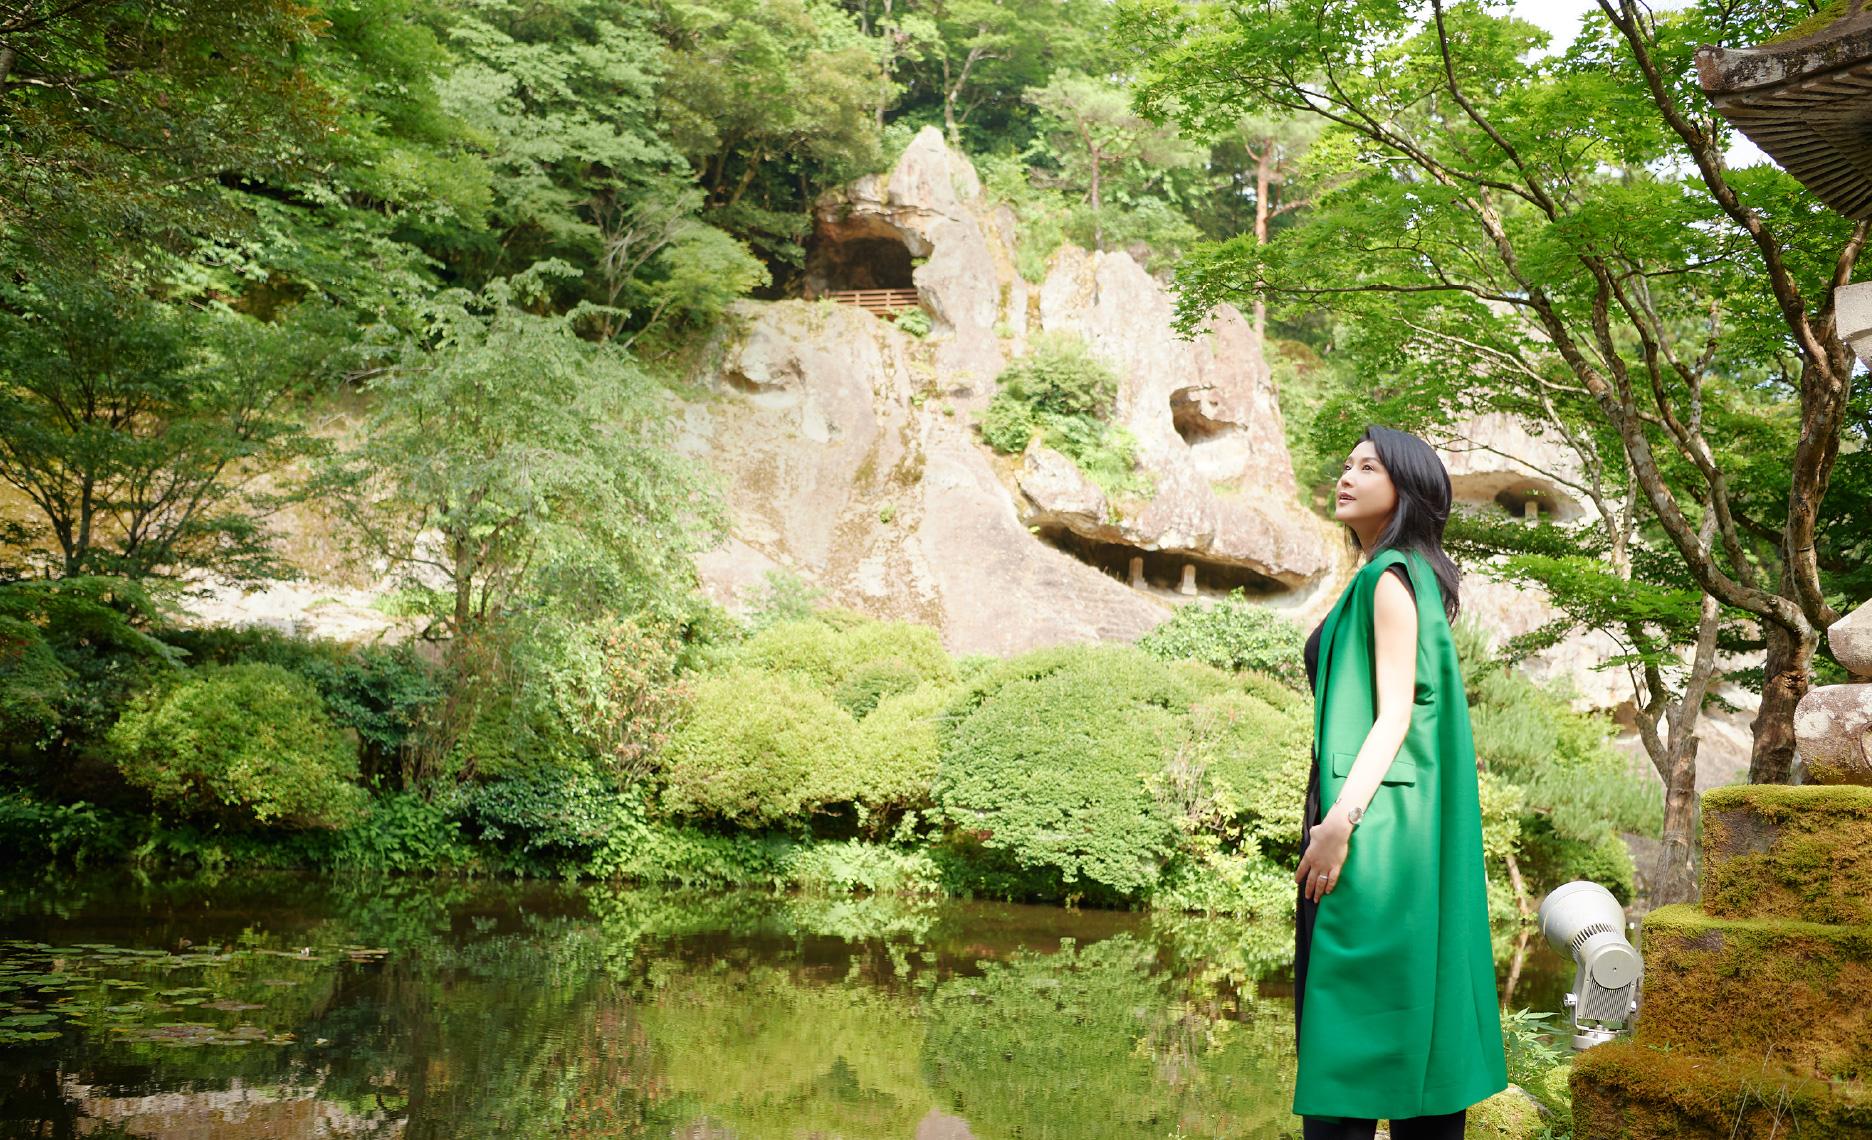 """藤原紀香さんがナビゲート 自然と技による""""美""""の共演 日本の魅力を再発見する旅へ"""